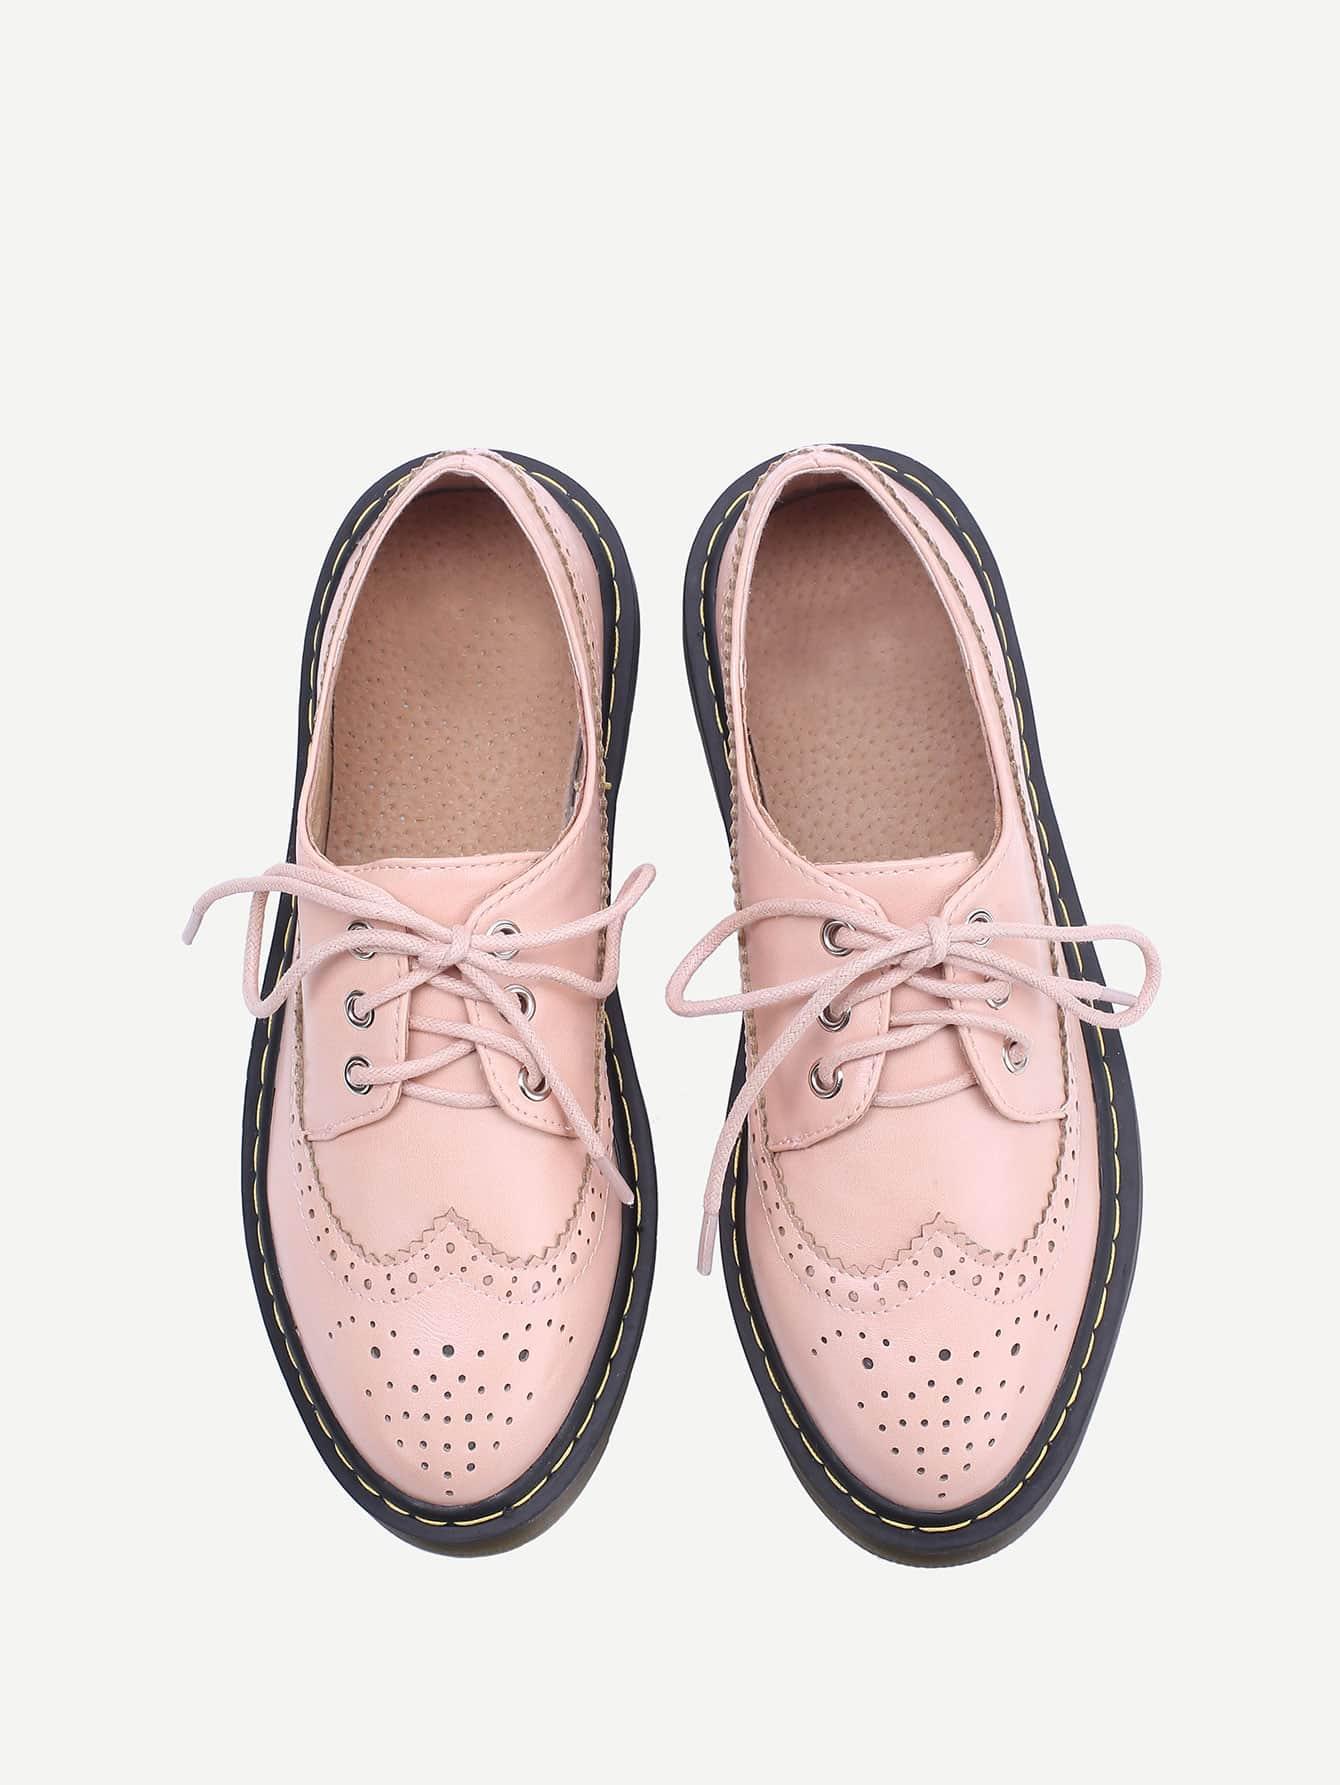 shoes170222805_2